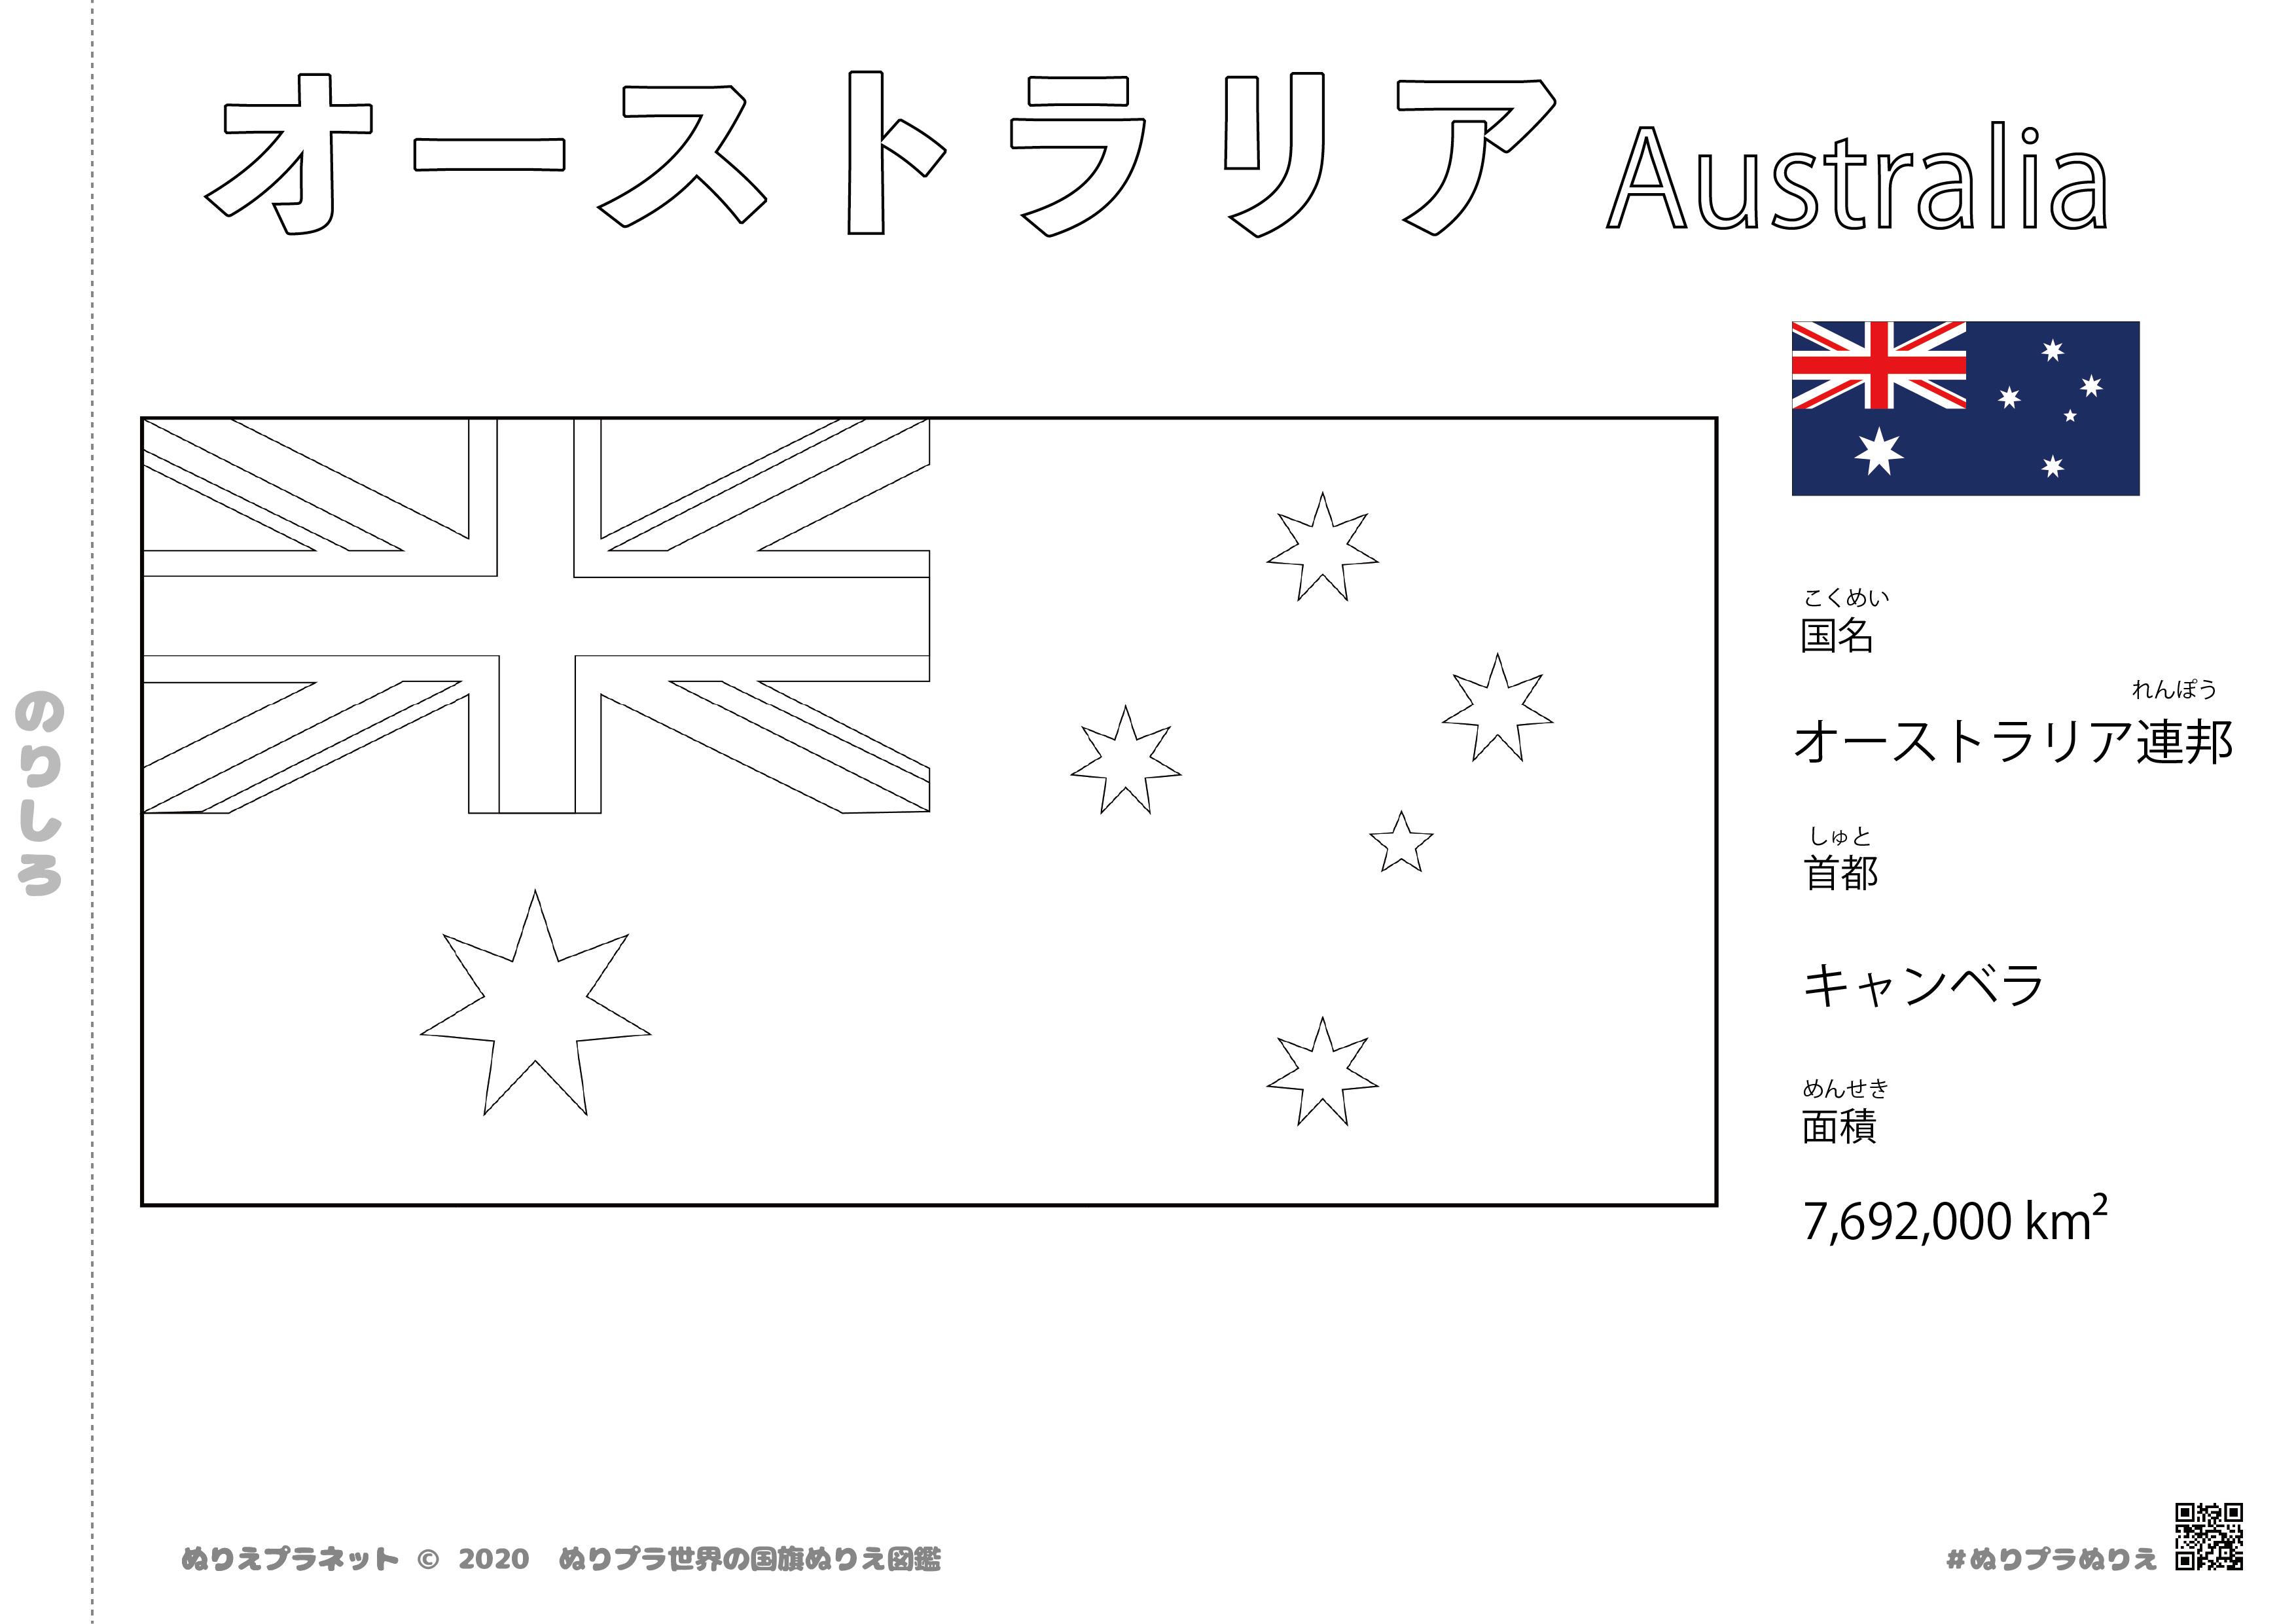 世界の国旗ぬりえ図鑑シリーズのオーストラリアのぬりえです。